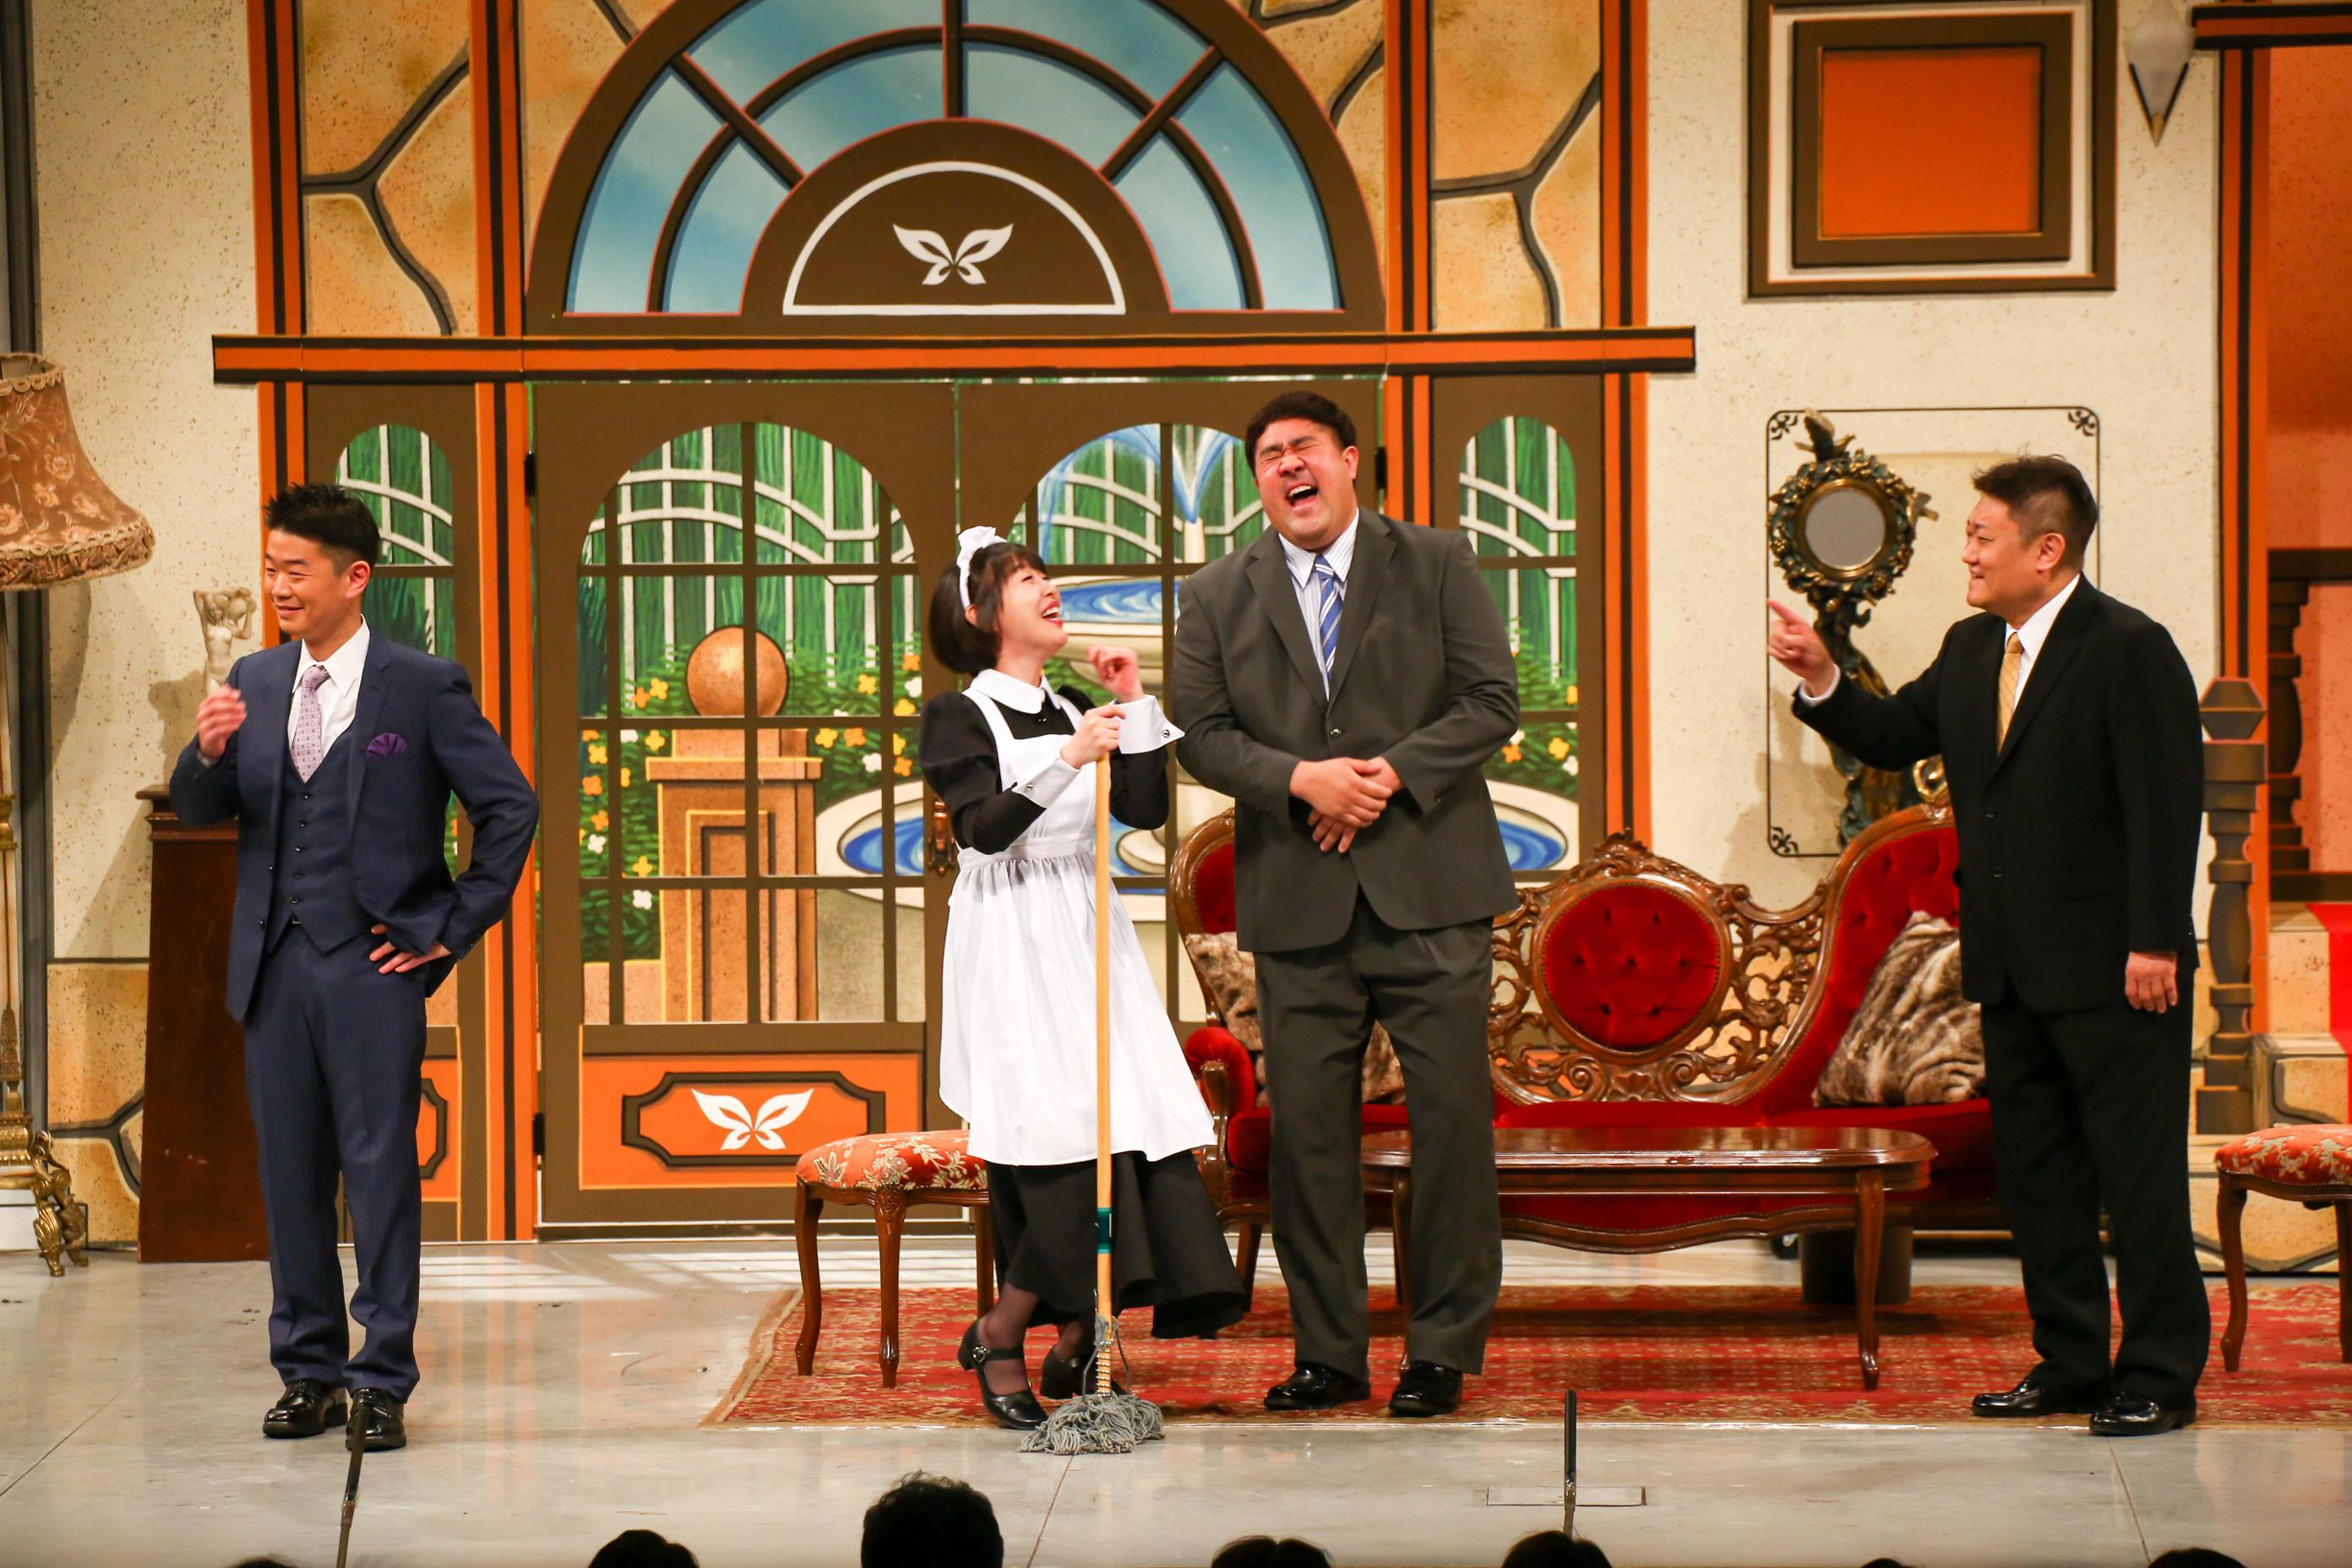 http://news.yoshimoto.co.jp/20190101032758-9b7e6498b6d0988f12b678ca63edaa4c152ce9ad.jpg